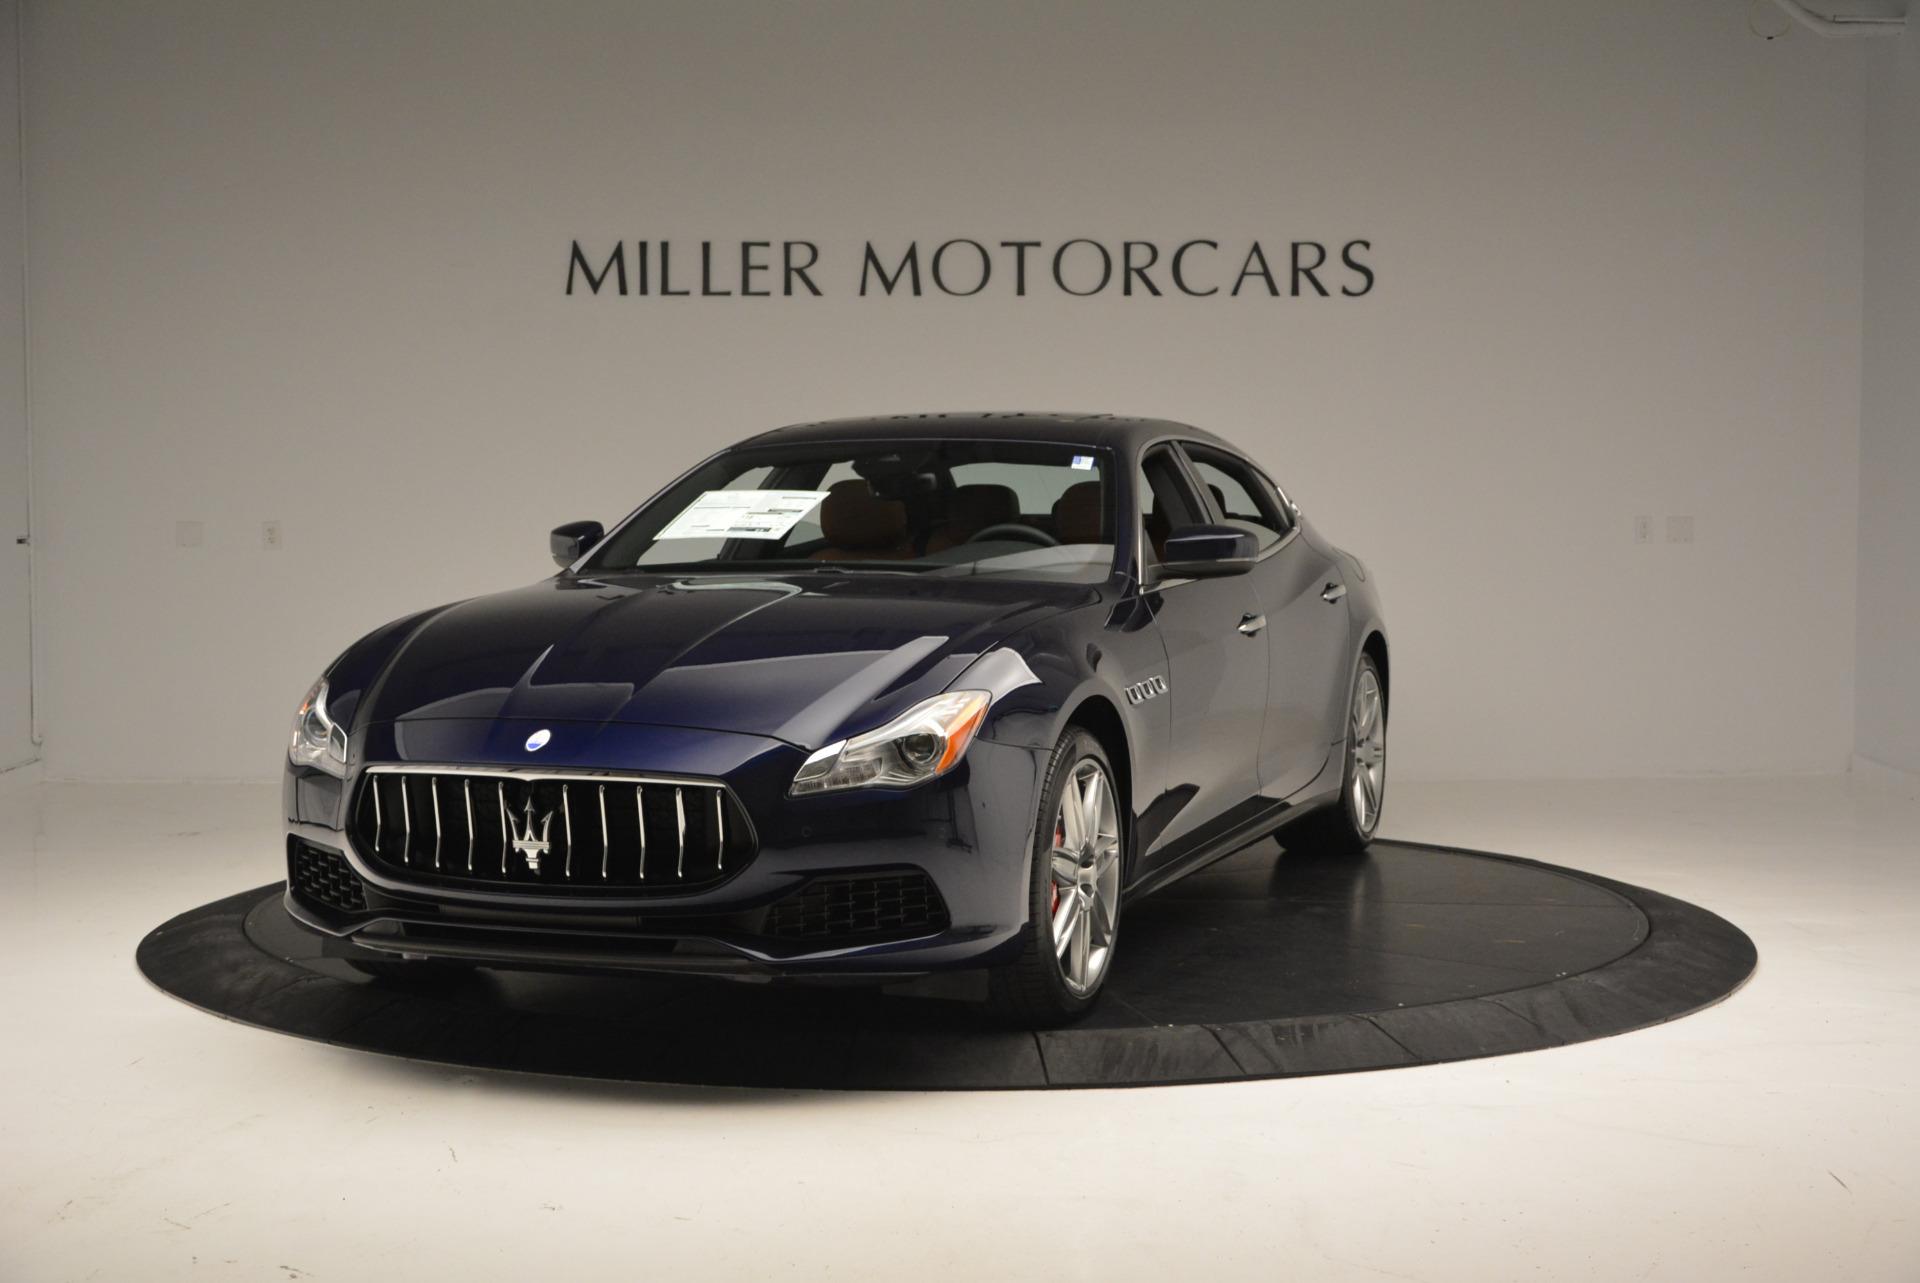 New 2017 Maserati Quattroporte S Q4 For Sale In Greenwich, CT 581_main